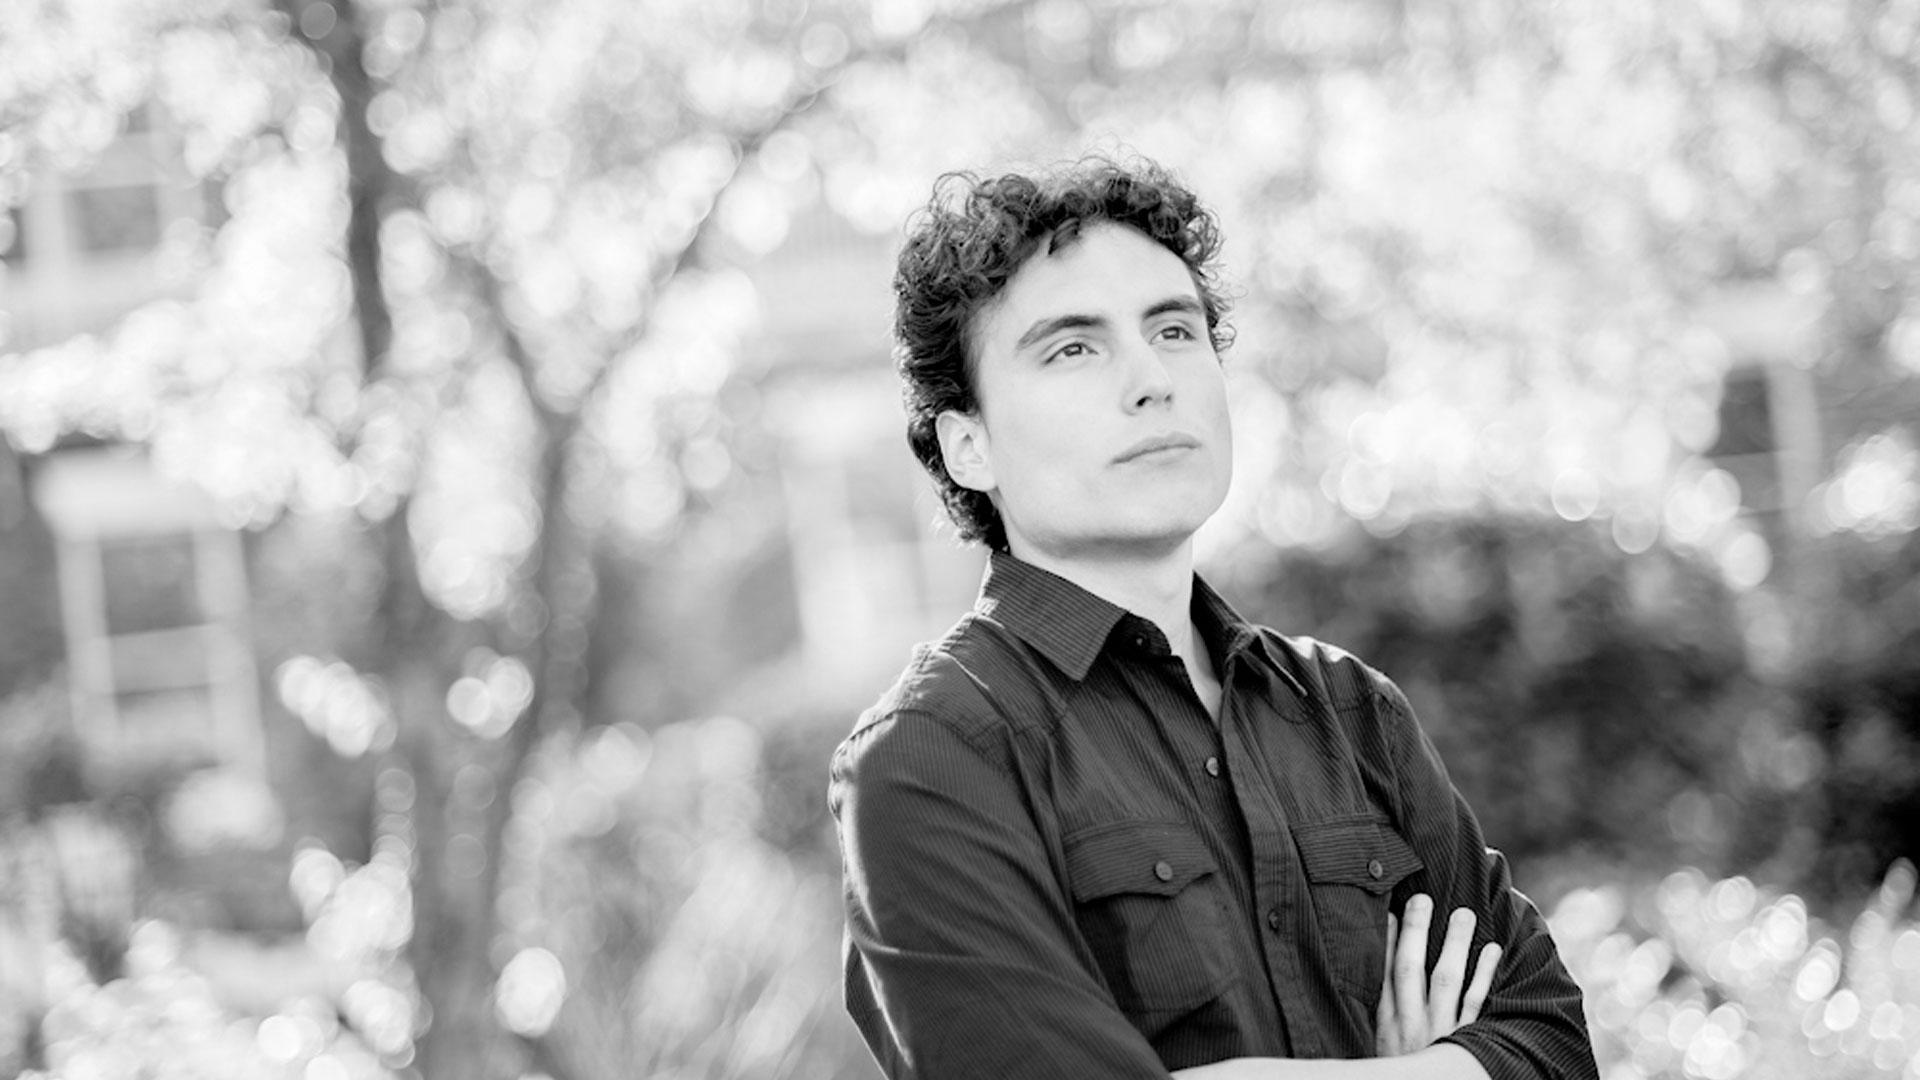 Ilych Rivas dirige obras de Falla, Mozart y Shostakóvich en el concierto que la OSG ofrece en Vigo con Prjevalski y Petrova como solistas de violín y viola